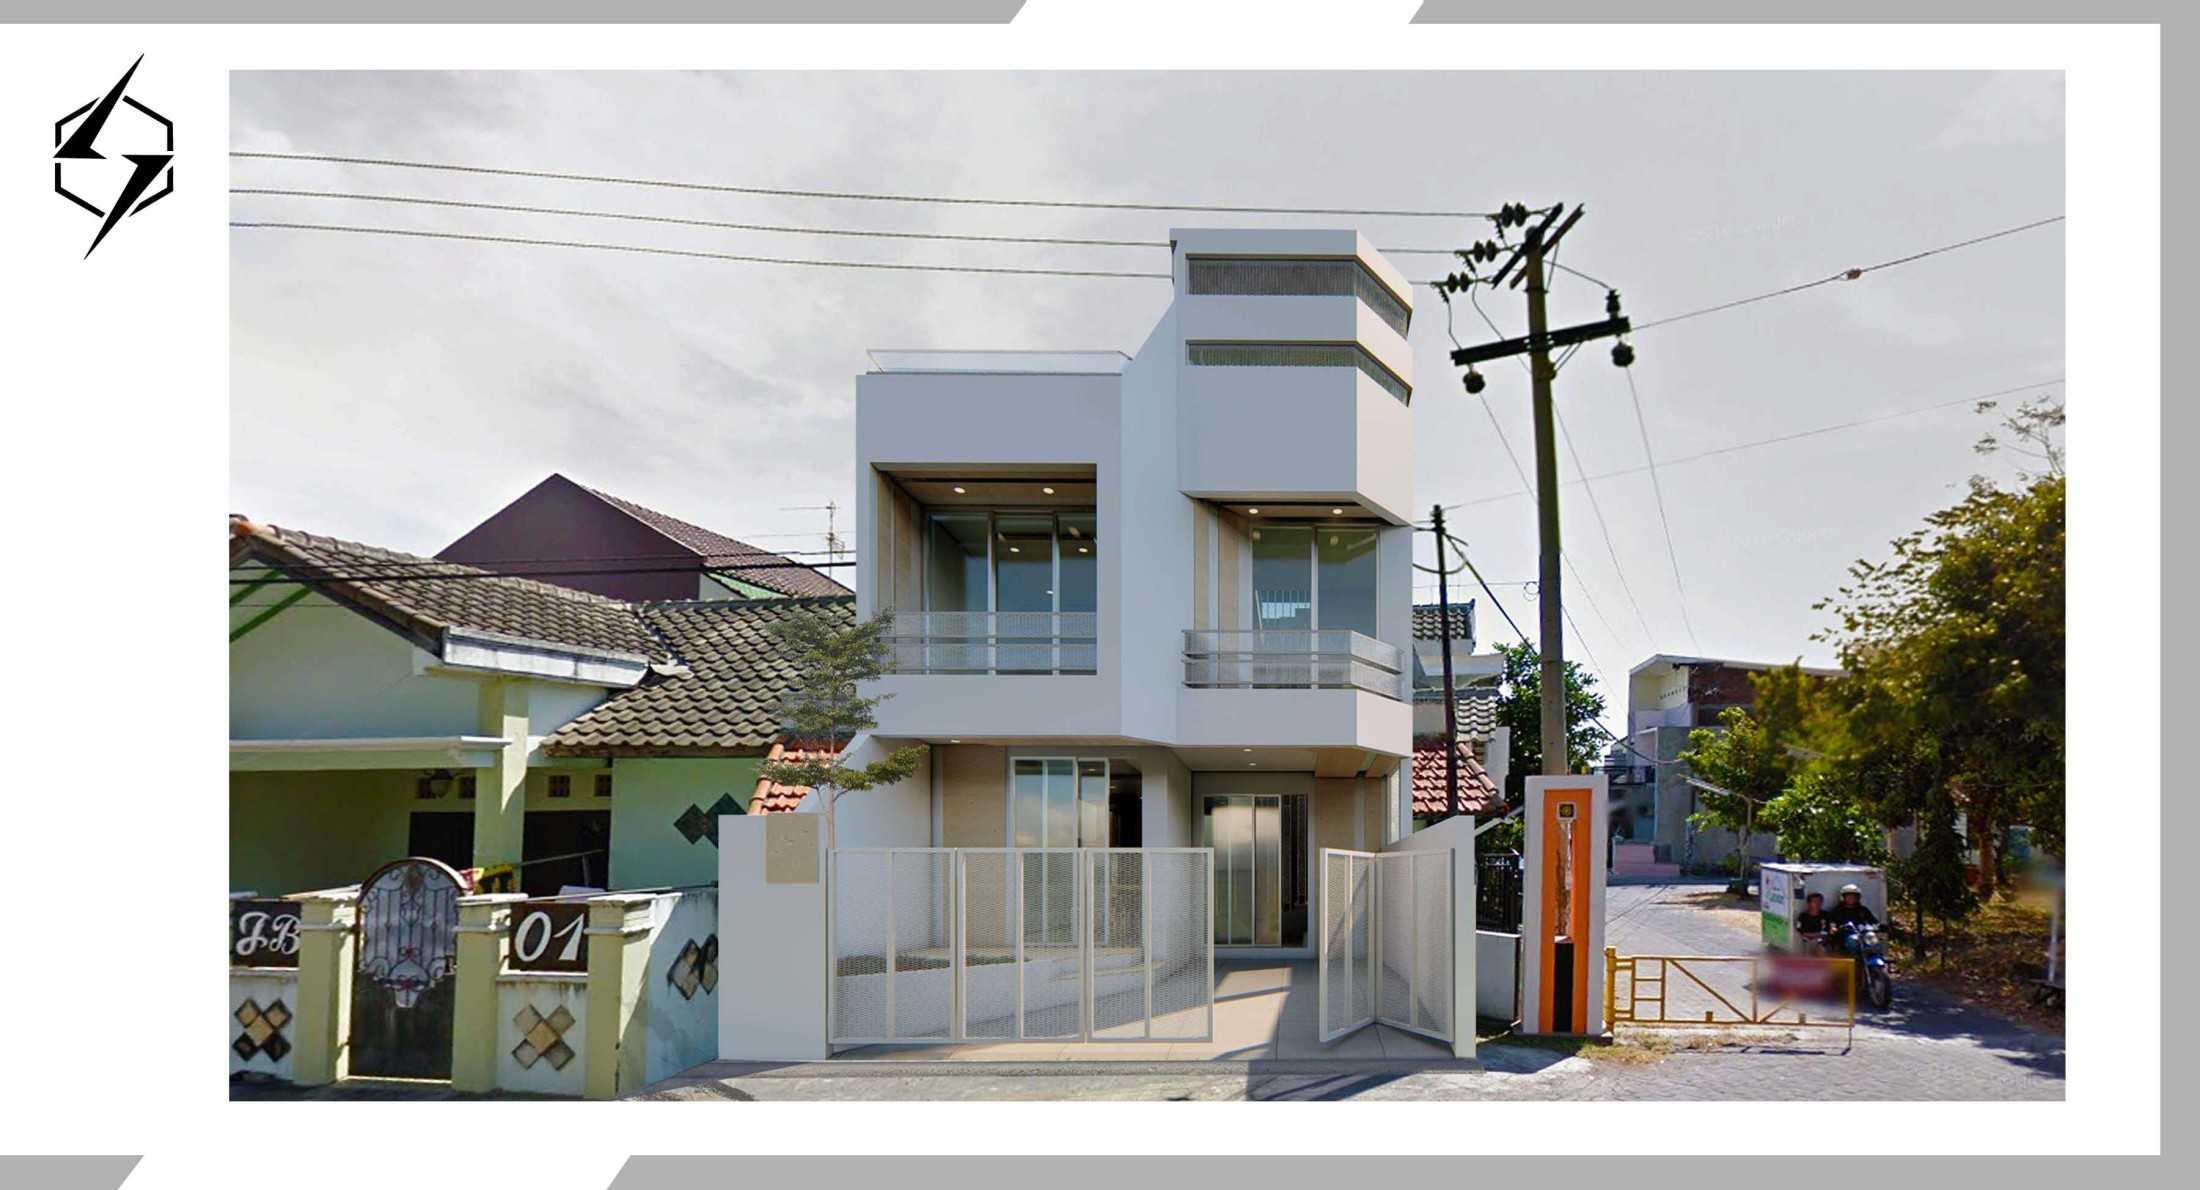 Sasmayarupa Studio White House Kabupaten Sidoarjo, Jawa Timur, Indonesia Kabupaten Sidoarjo, Jawa Timur, Indonesia Sync-Studio-Contemporary-White-House  130887